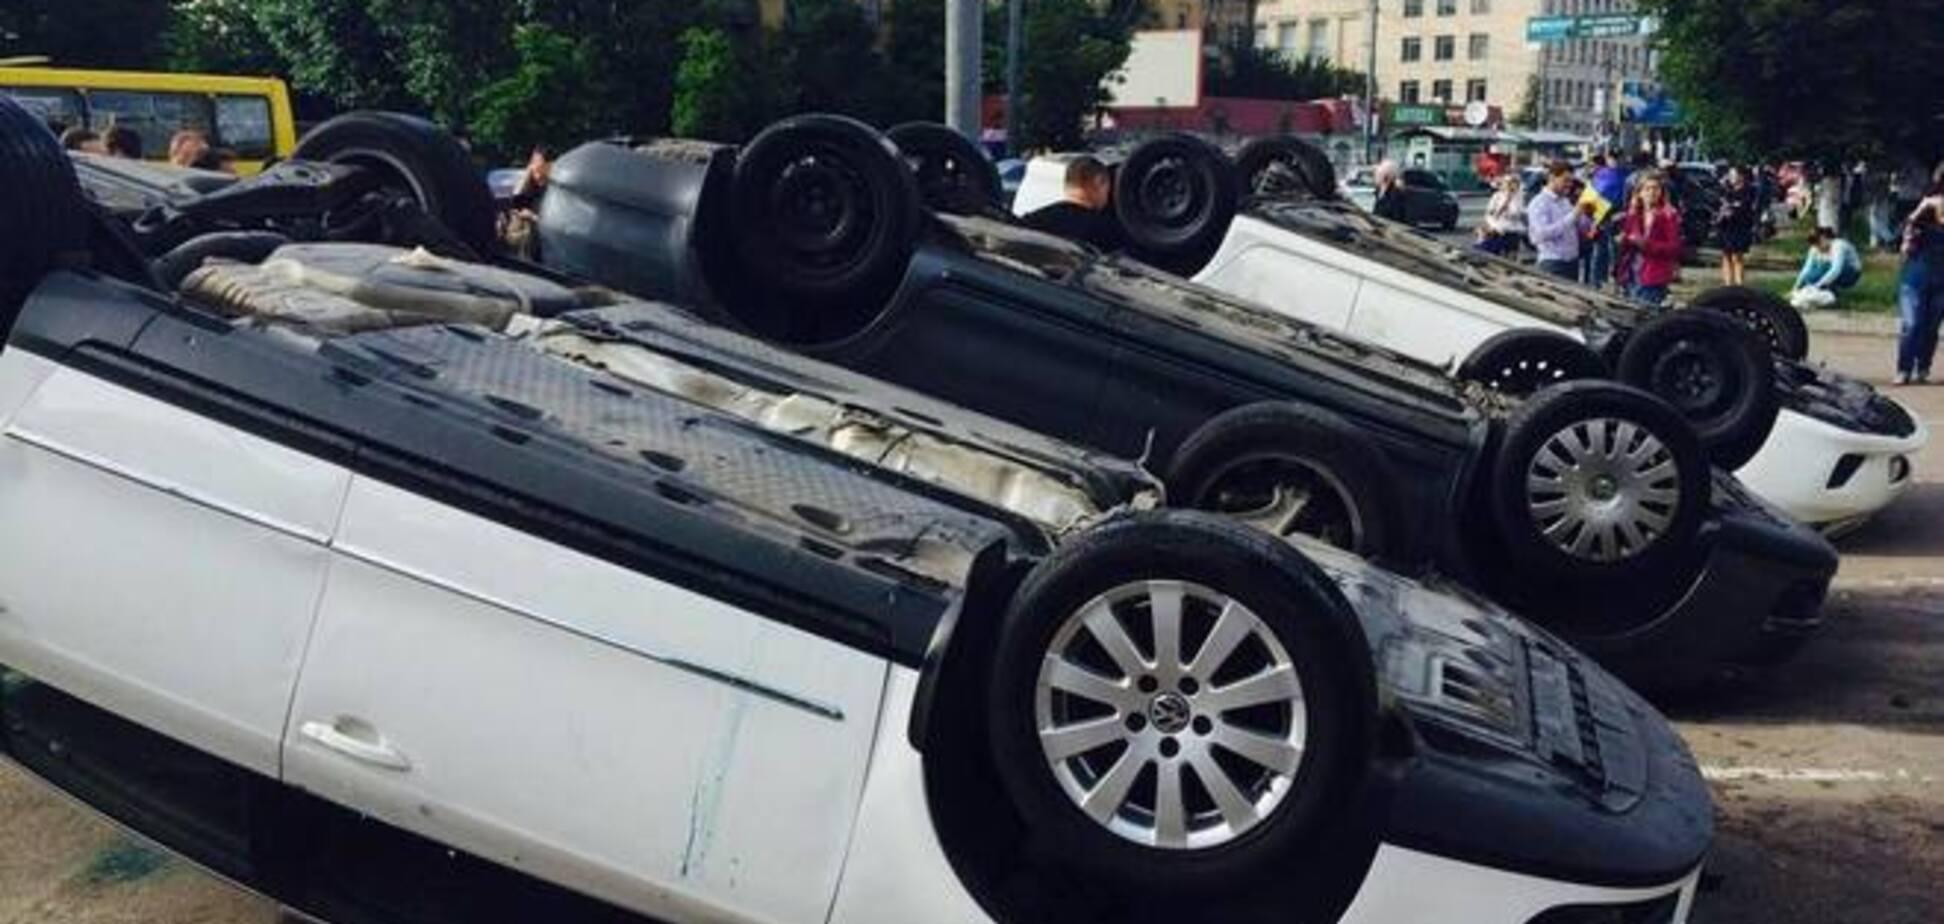 Хулиганы, разгромившие посольство РФ в Киеве, сильно помогли Путину - Немцов